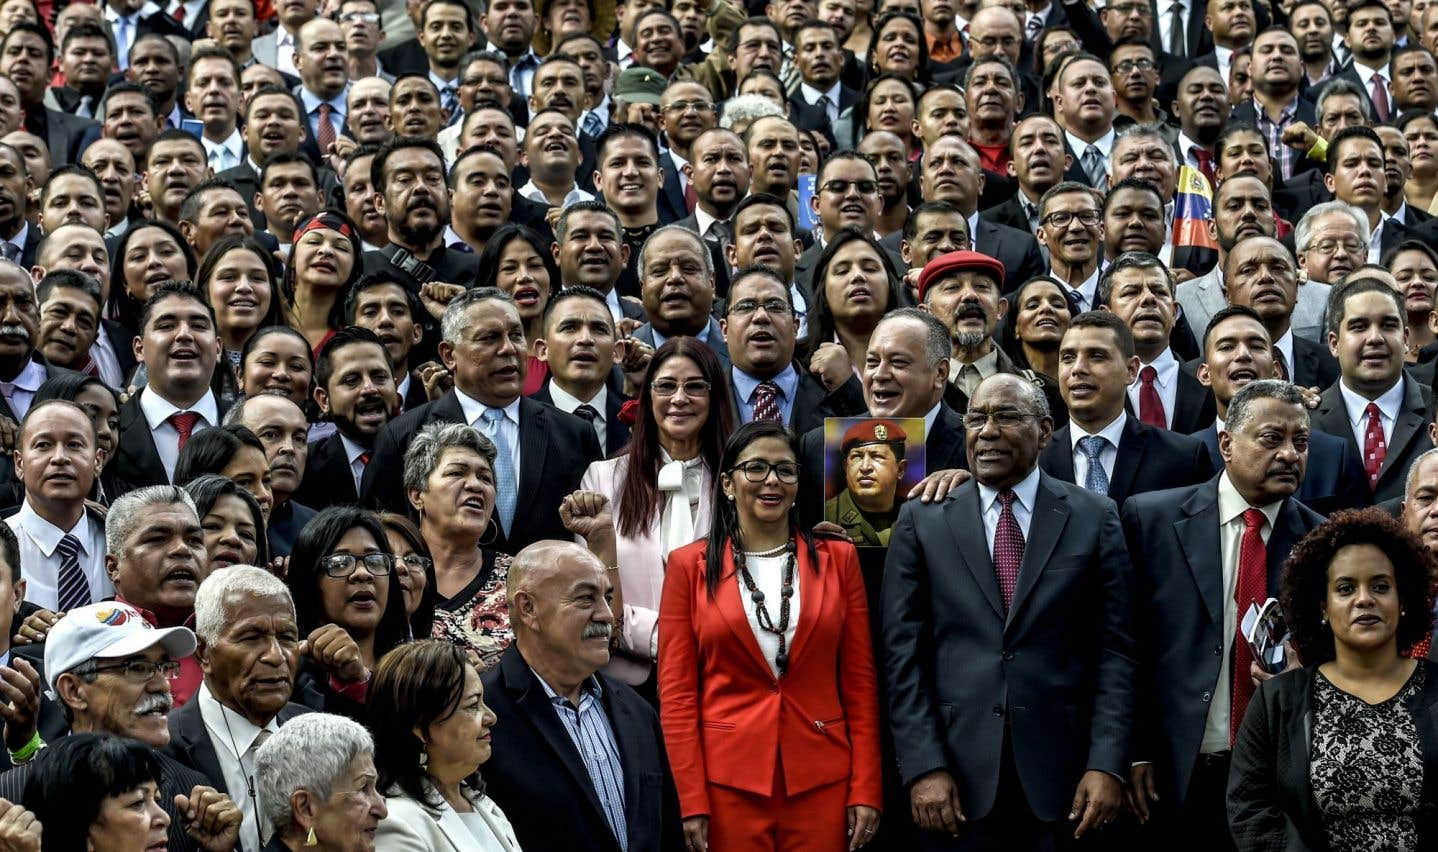 Les membres de l'Assemblée constituante se posent à l'extérieur du Congrès national lors de l'installation de l'organisme à Caracas le 4 août.